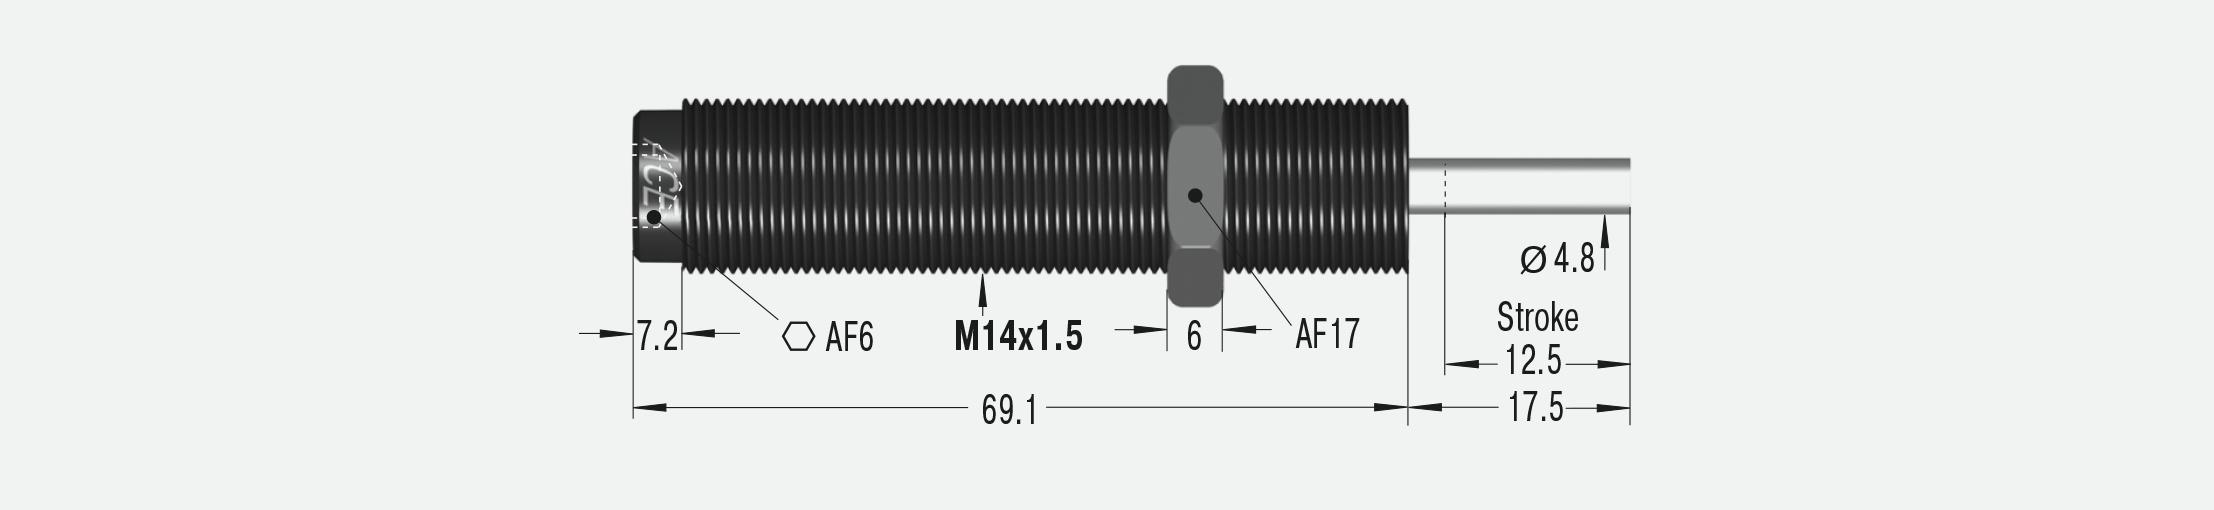 MC150EUMH